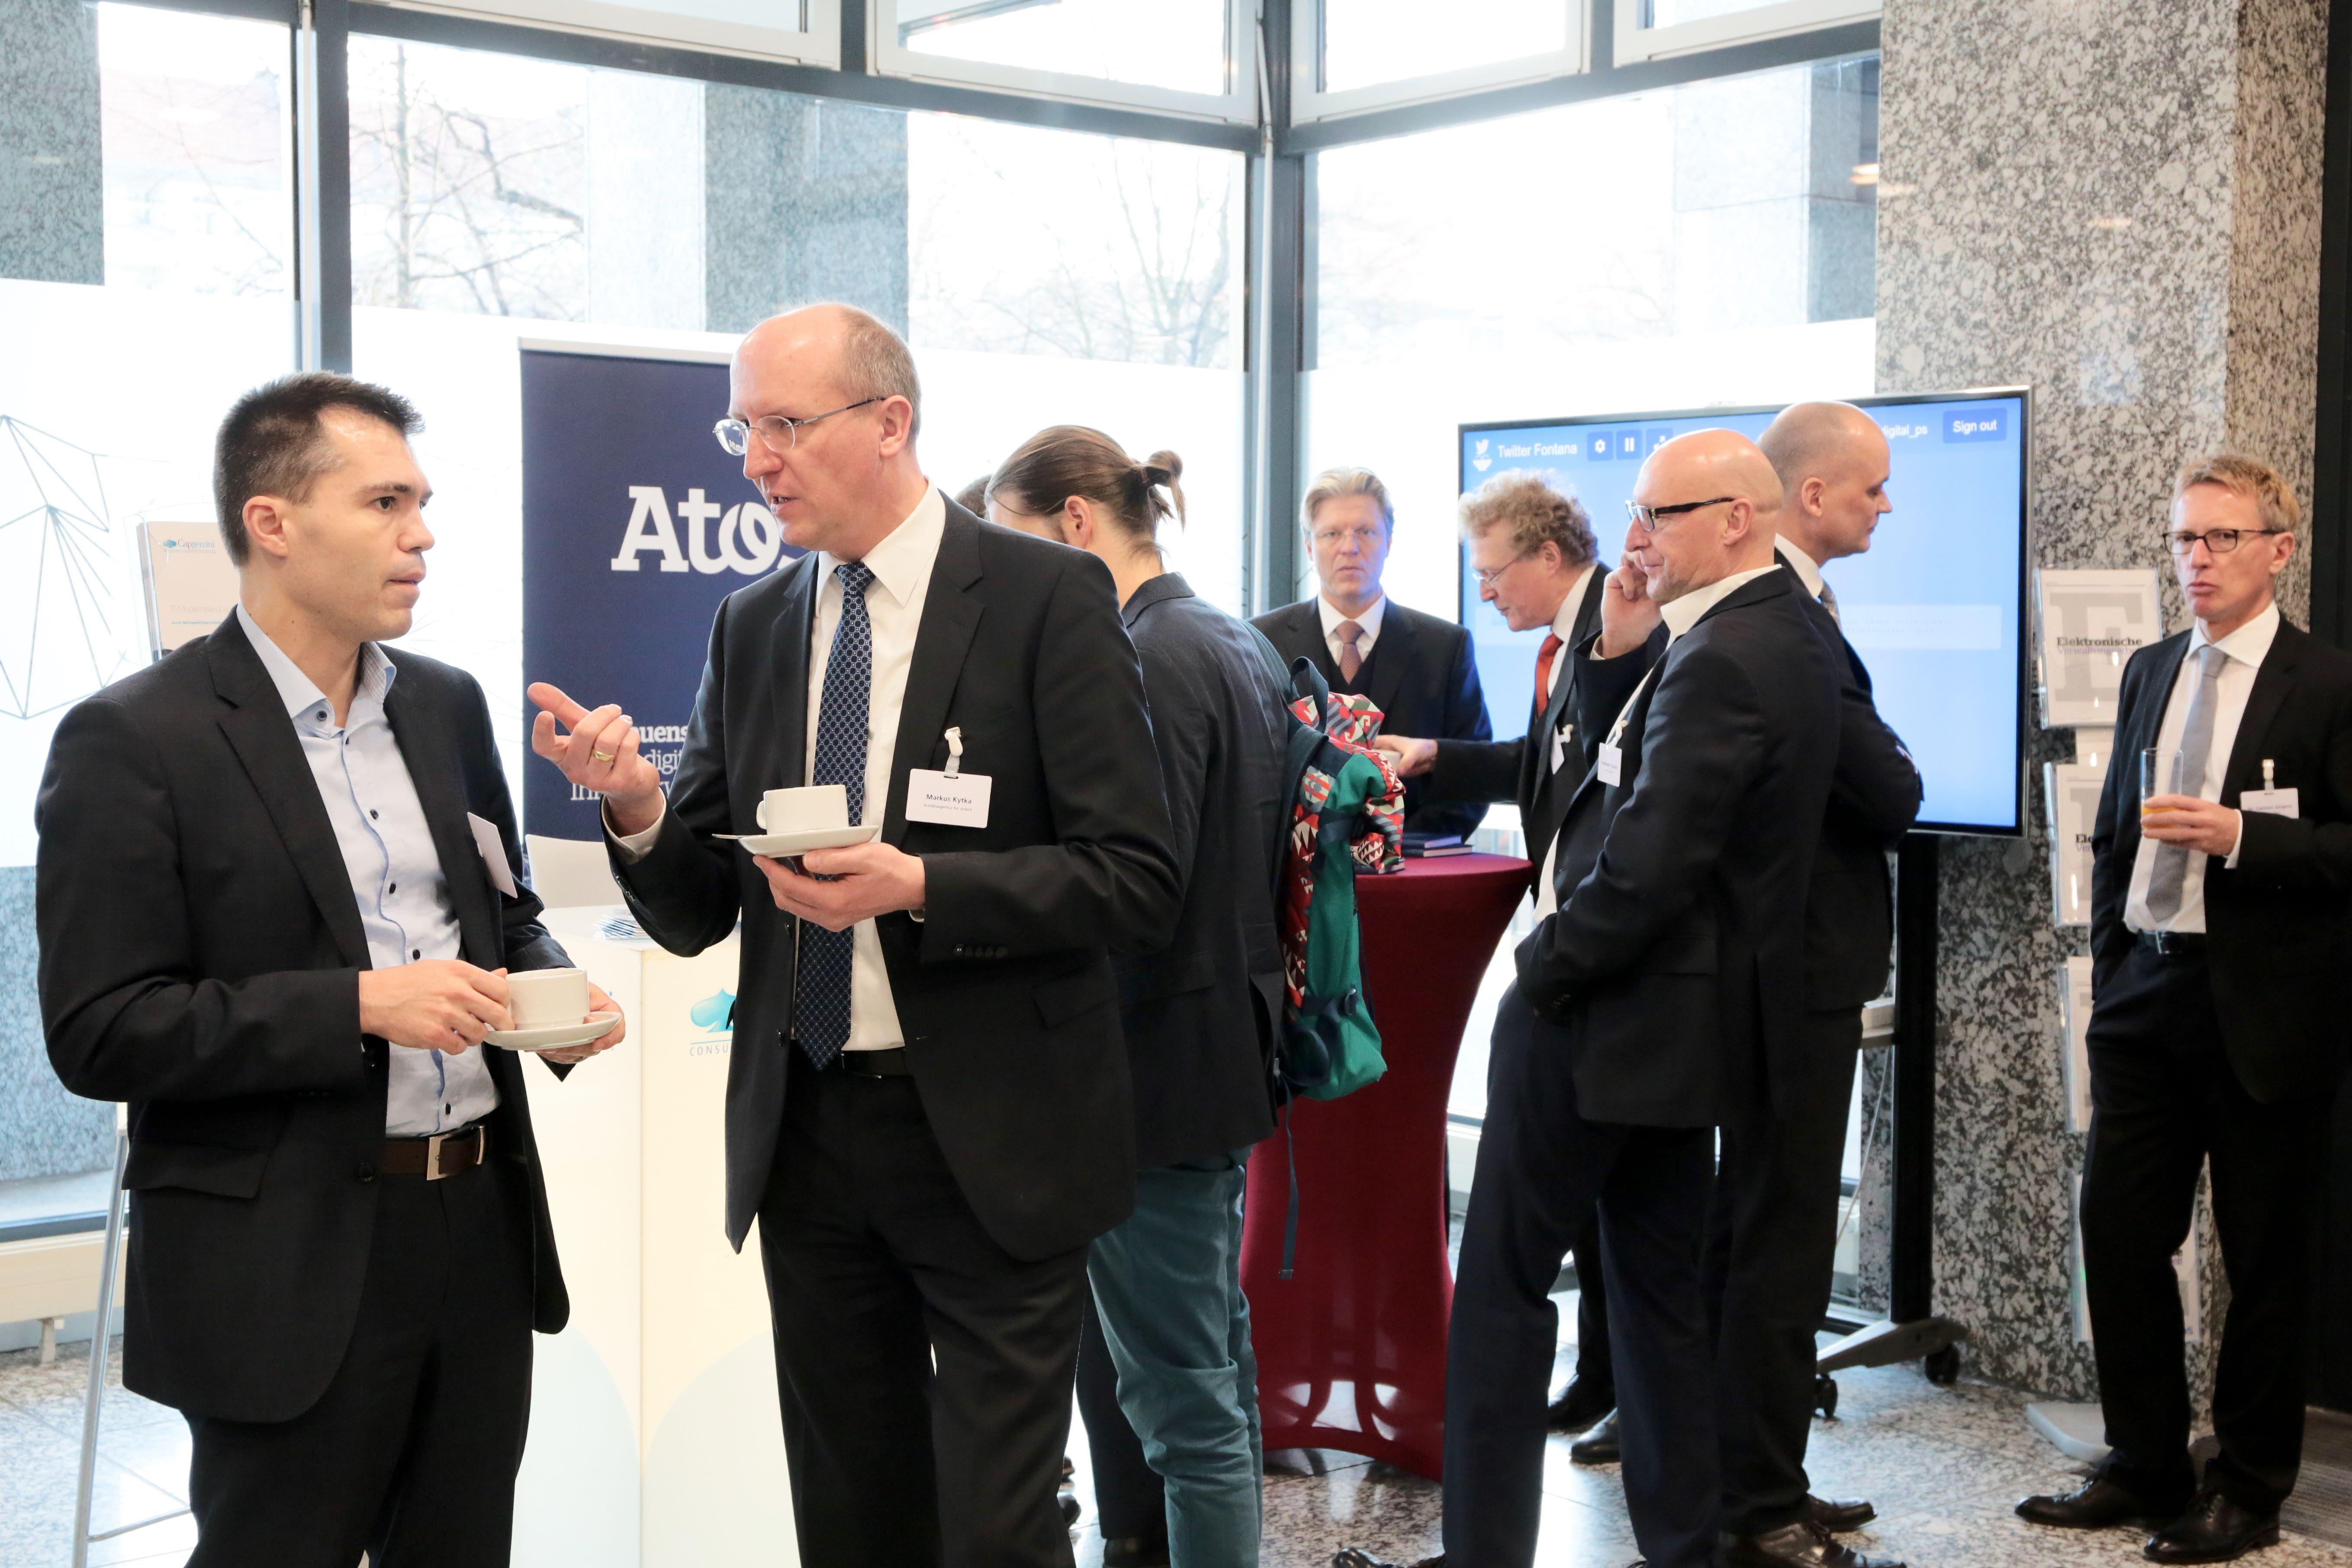 DPS, Event, IT-Konsolidierung, Konferenz, 2017